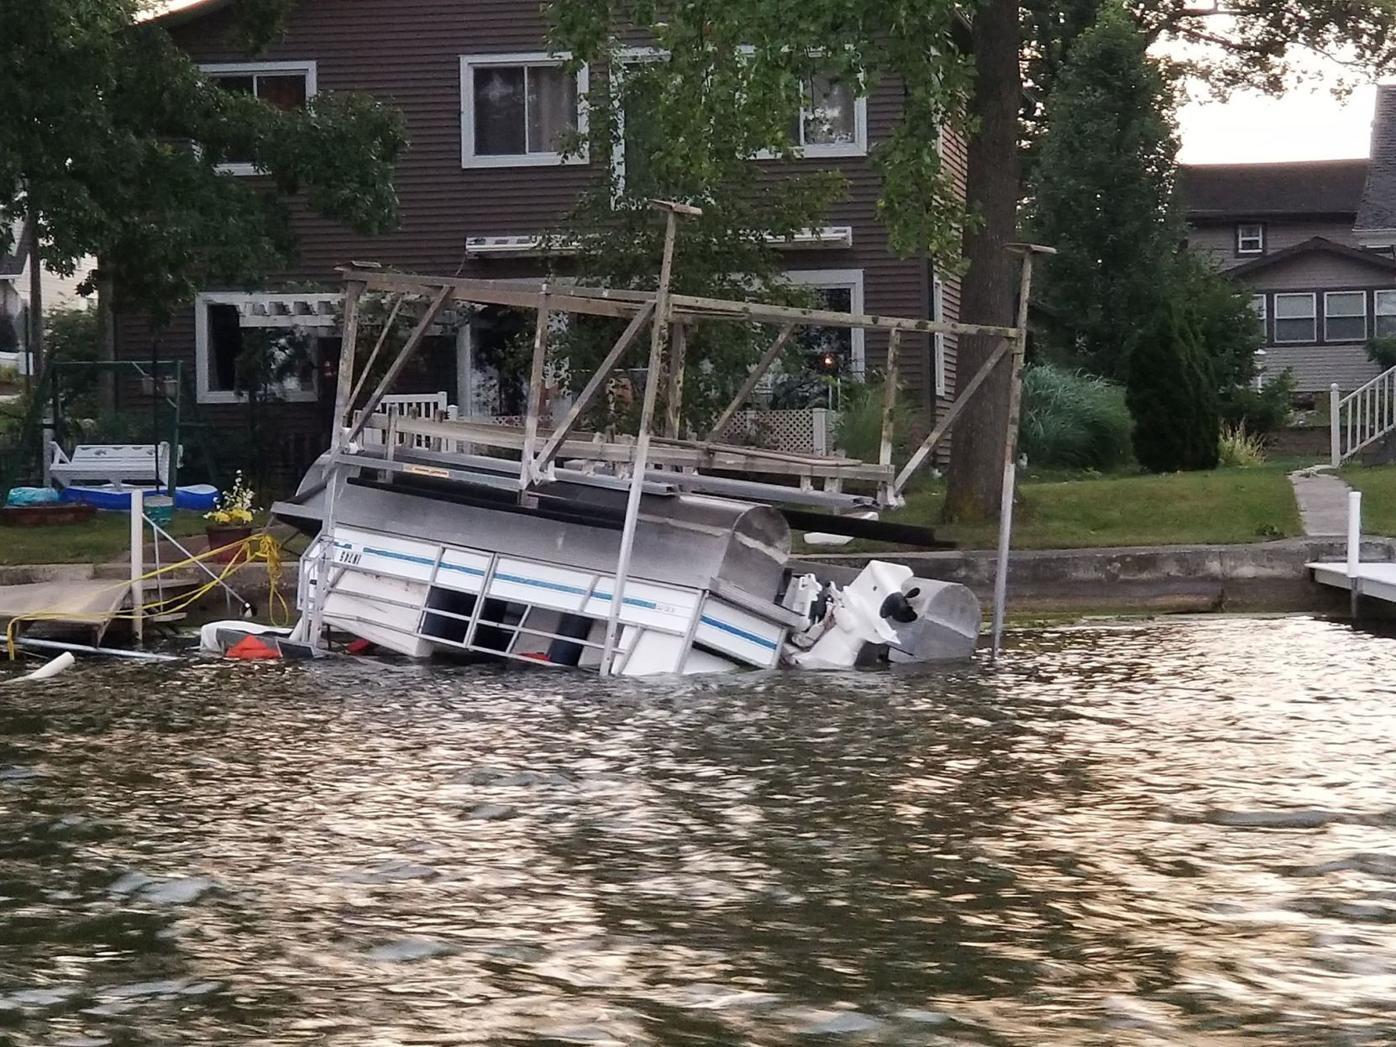 Overturned pontoon